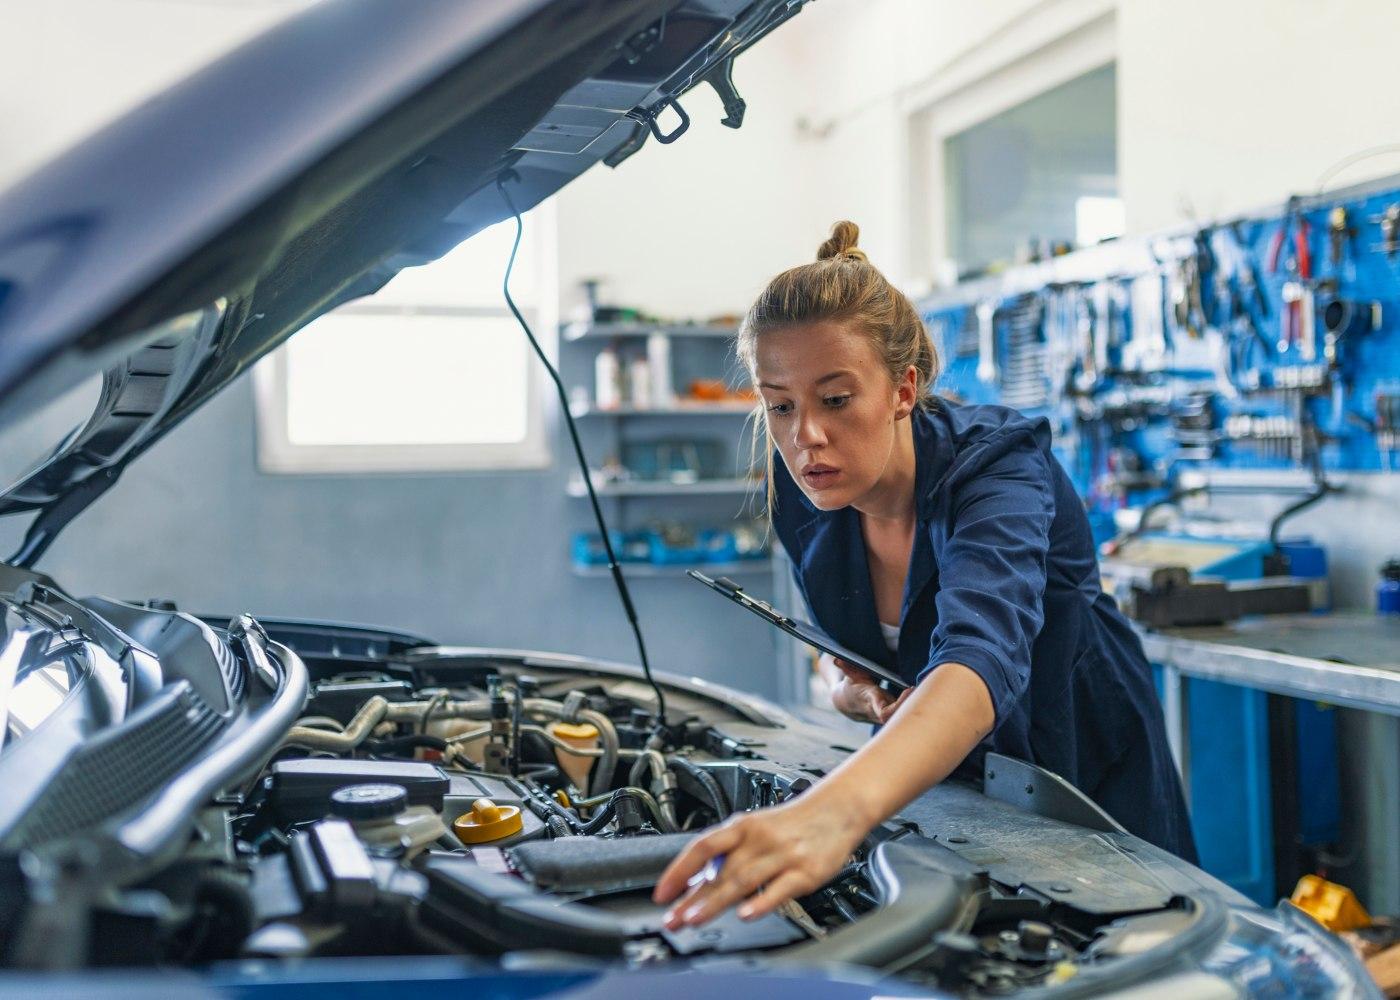 jovem a trabalhar numa oficina de carros